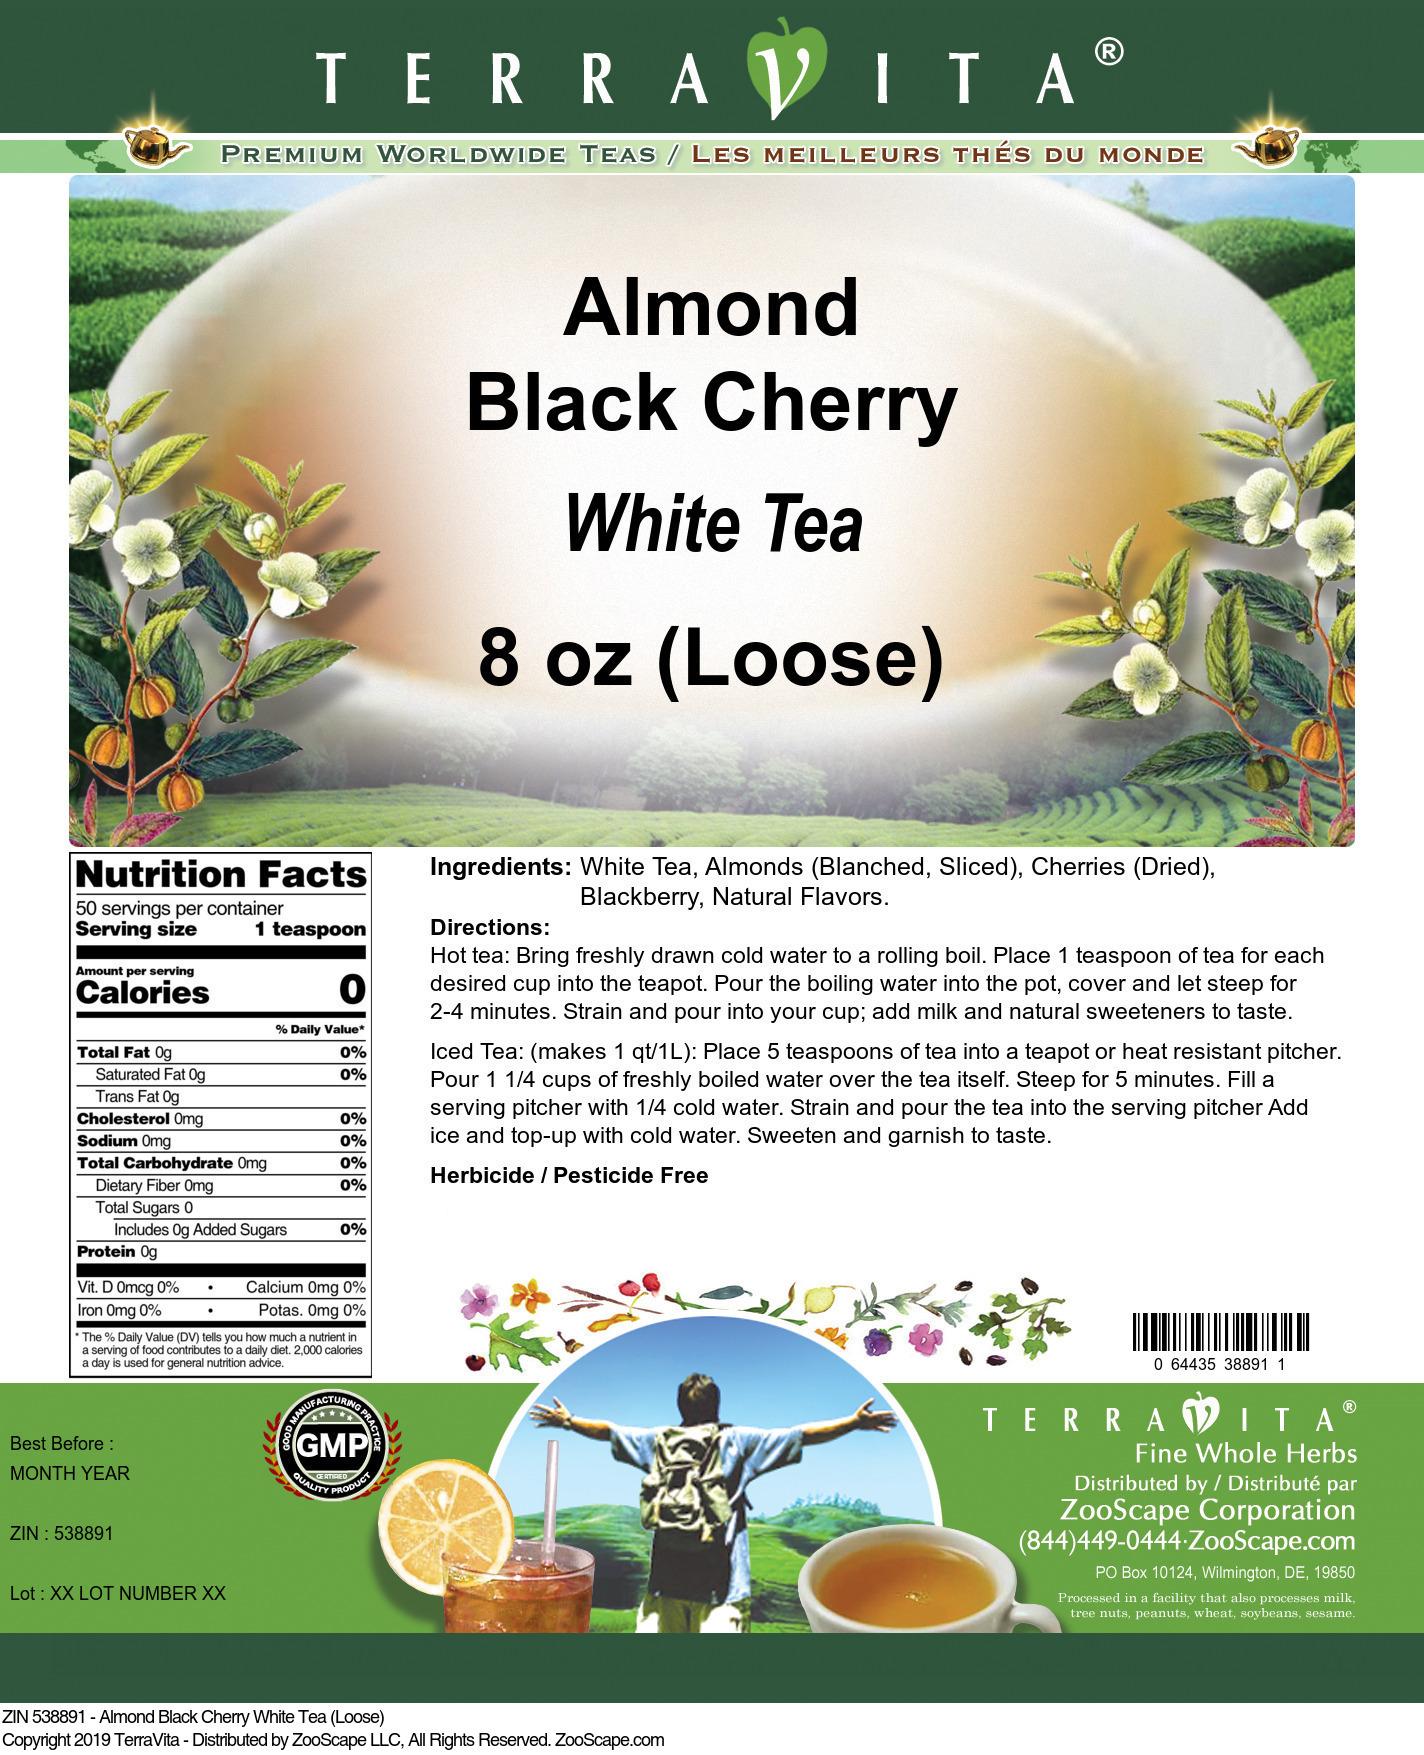 Almond Black Cherry White Tea